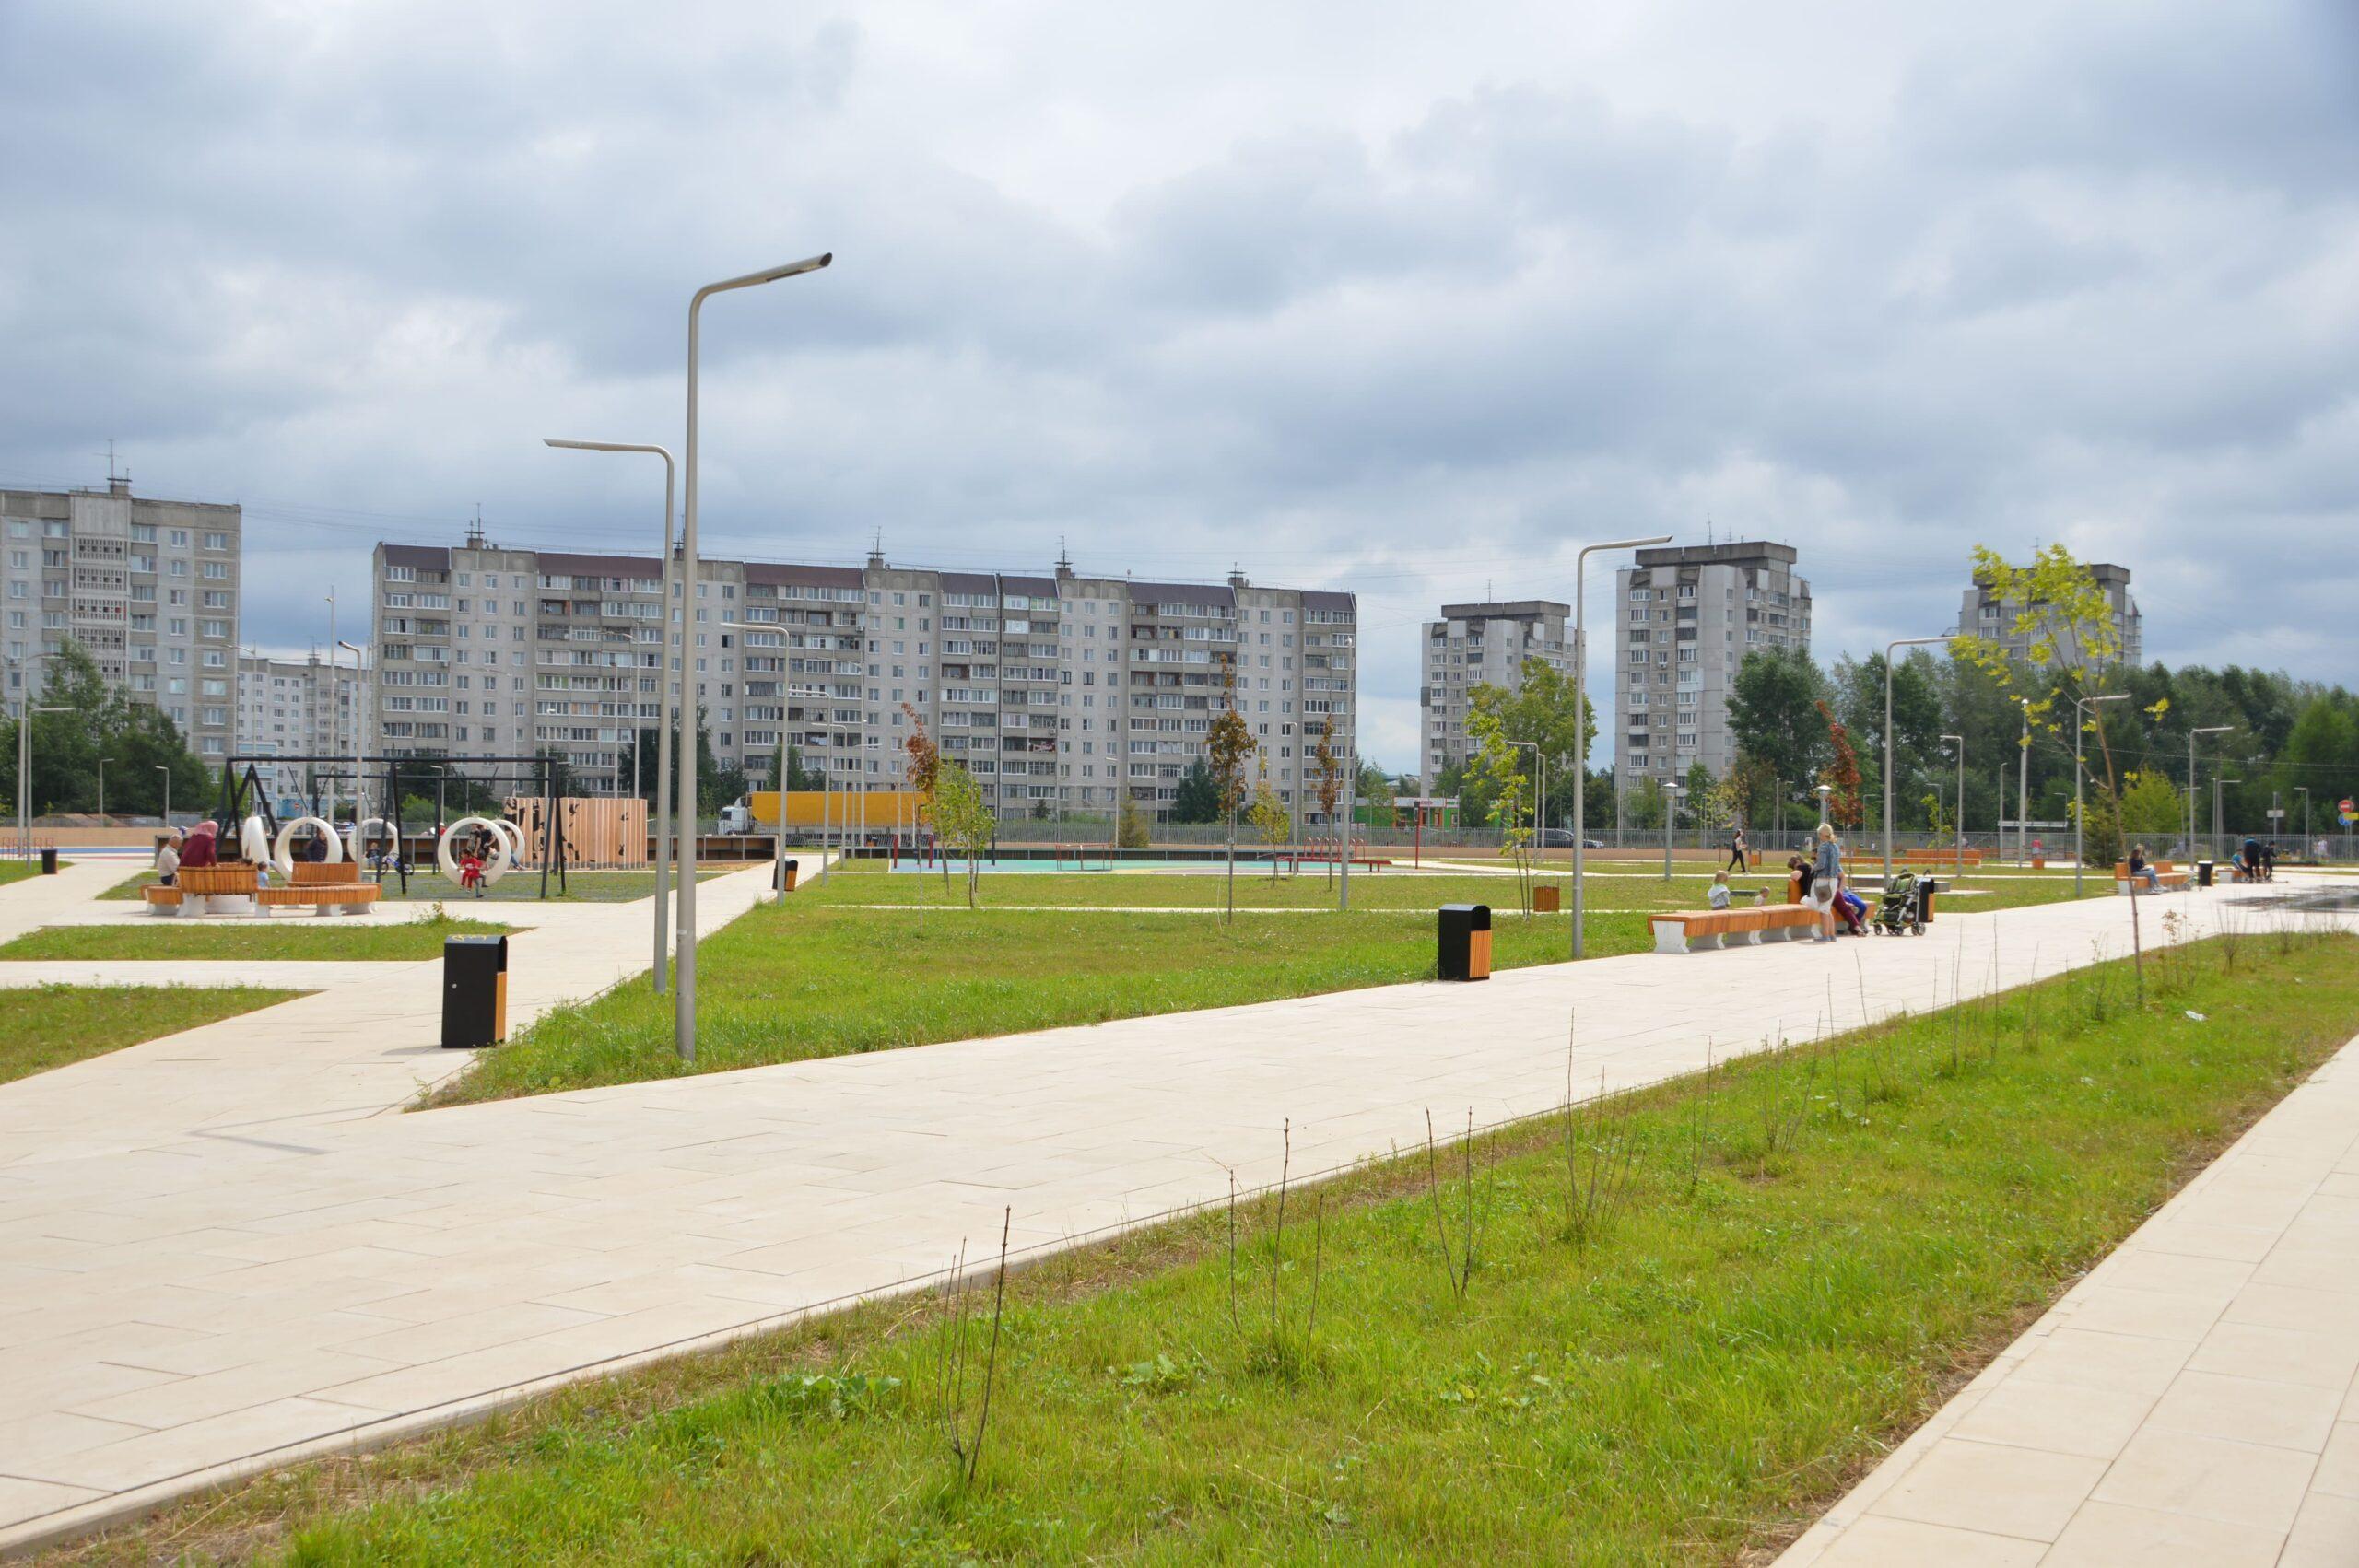 Набережная, сквер, детский сад: в Твери продолжается работа по нацпроектам